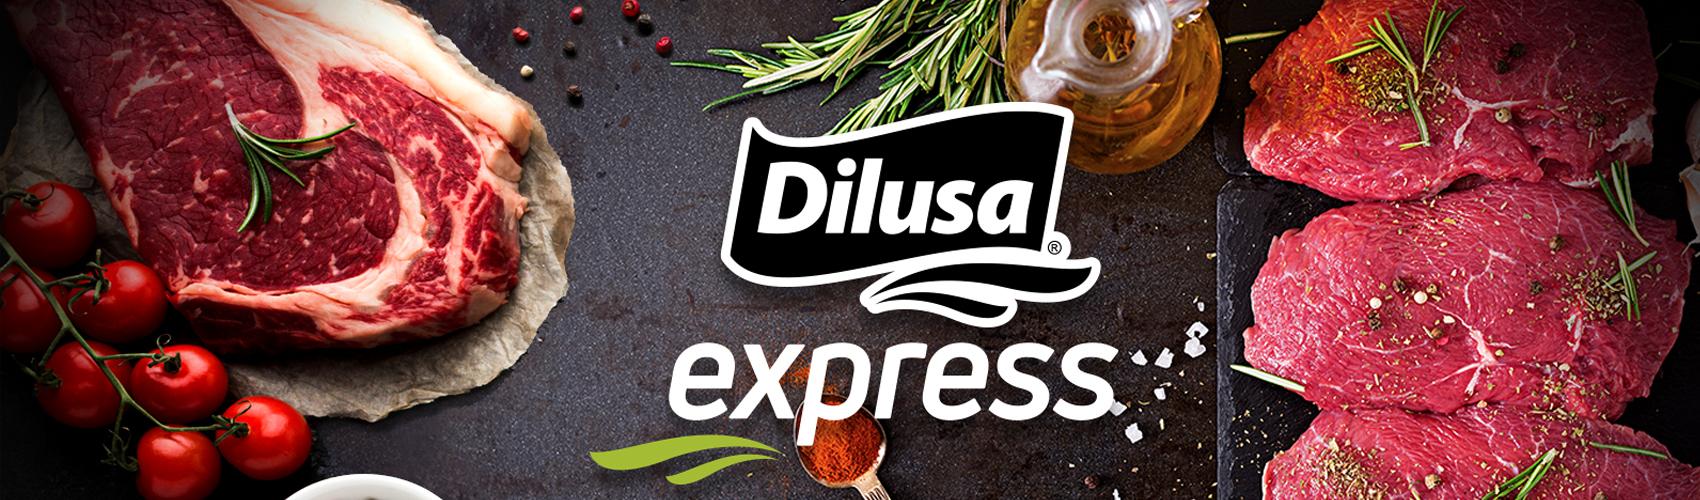 Dilusa Express – Dilusa